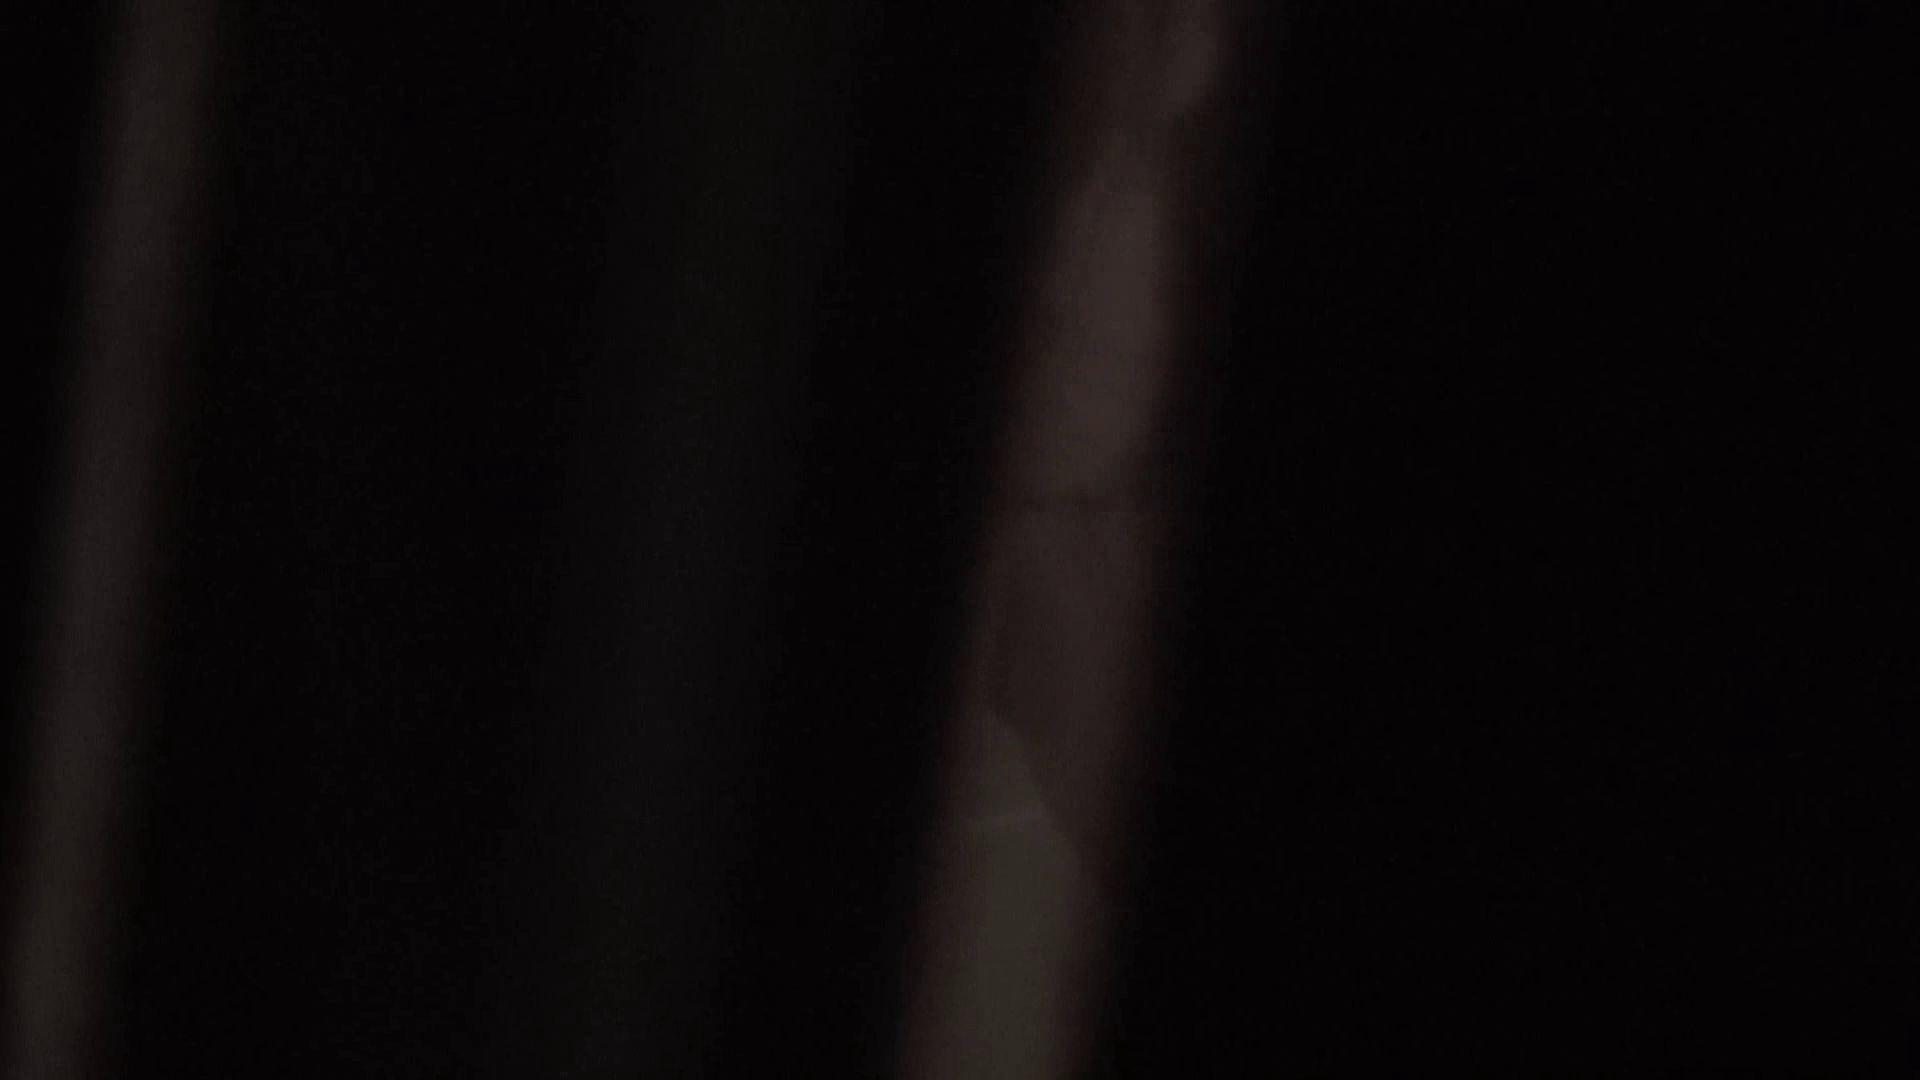 民家の騎士さんの最後の性戦ハイビジョン!!No.53 民家 | おっぱい  98画像 34